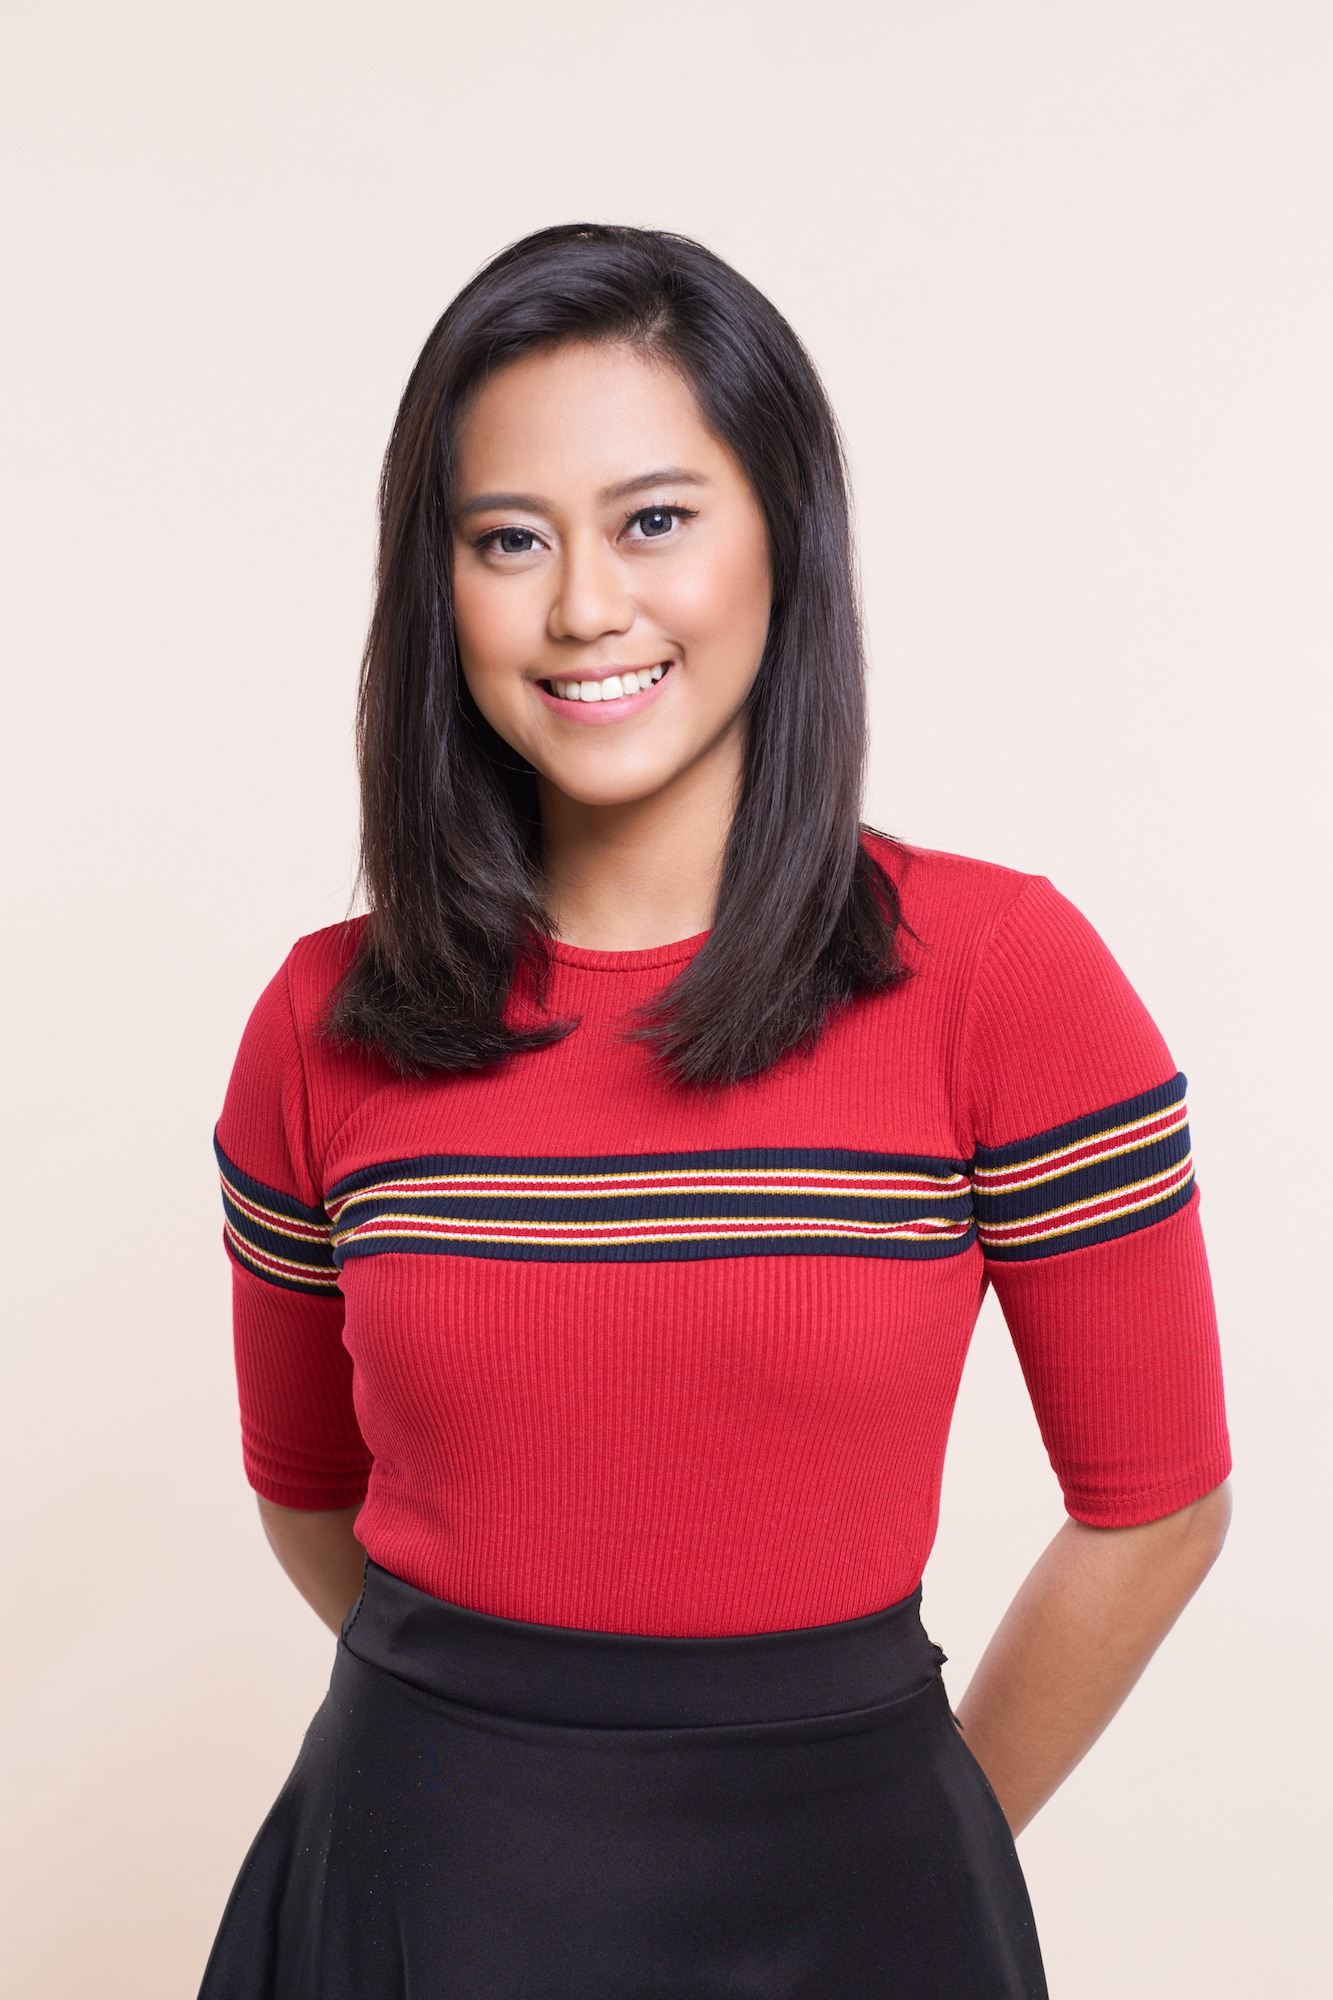 Wanita asia dengan model rambut layer sebahu soft layer dengan baju warna  merah 94f70877fd